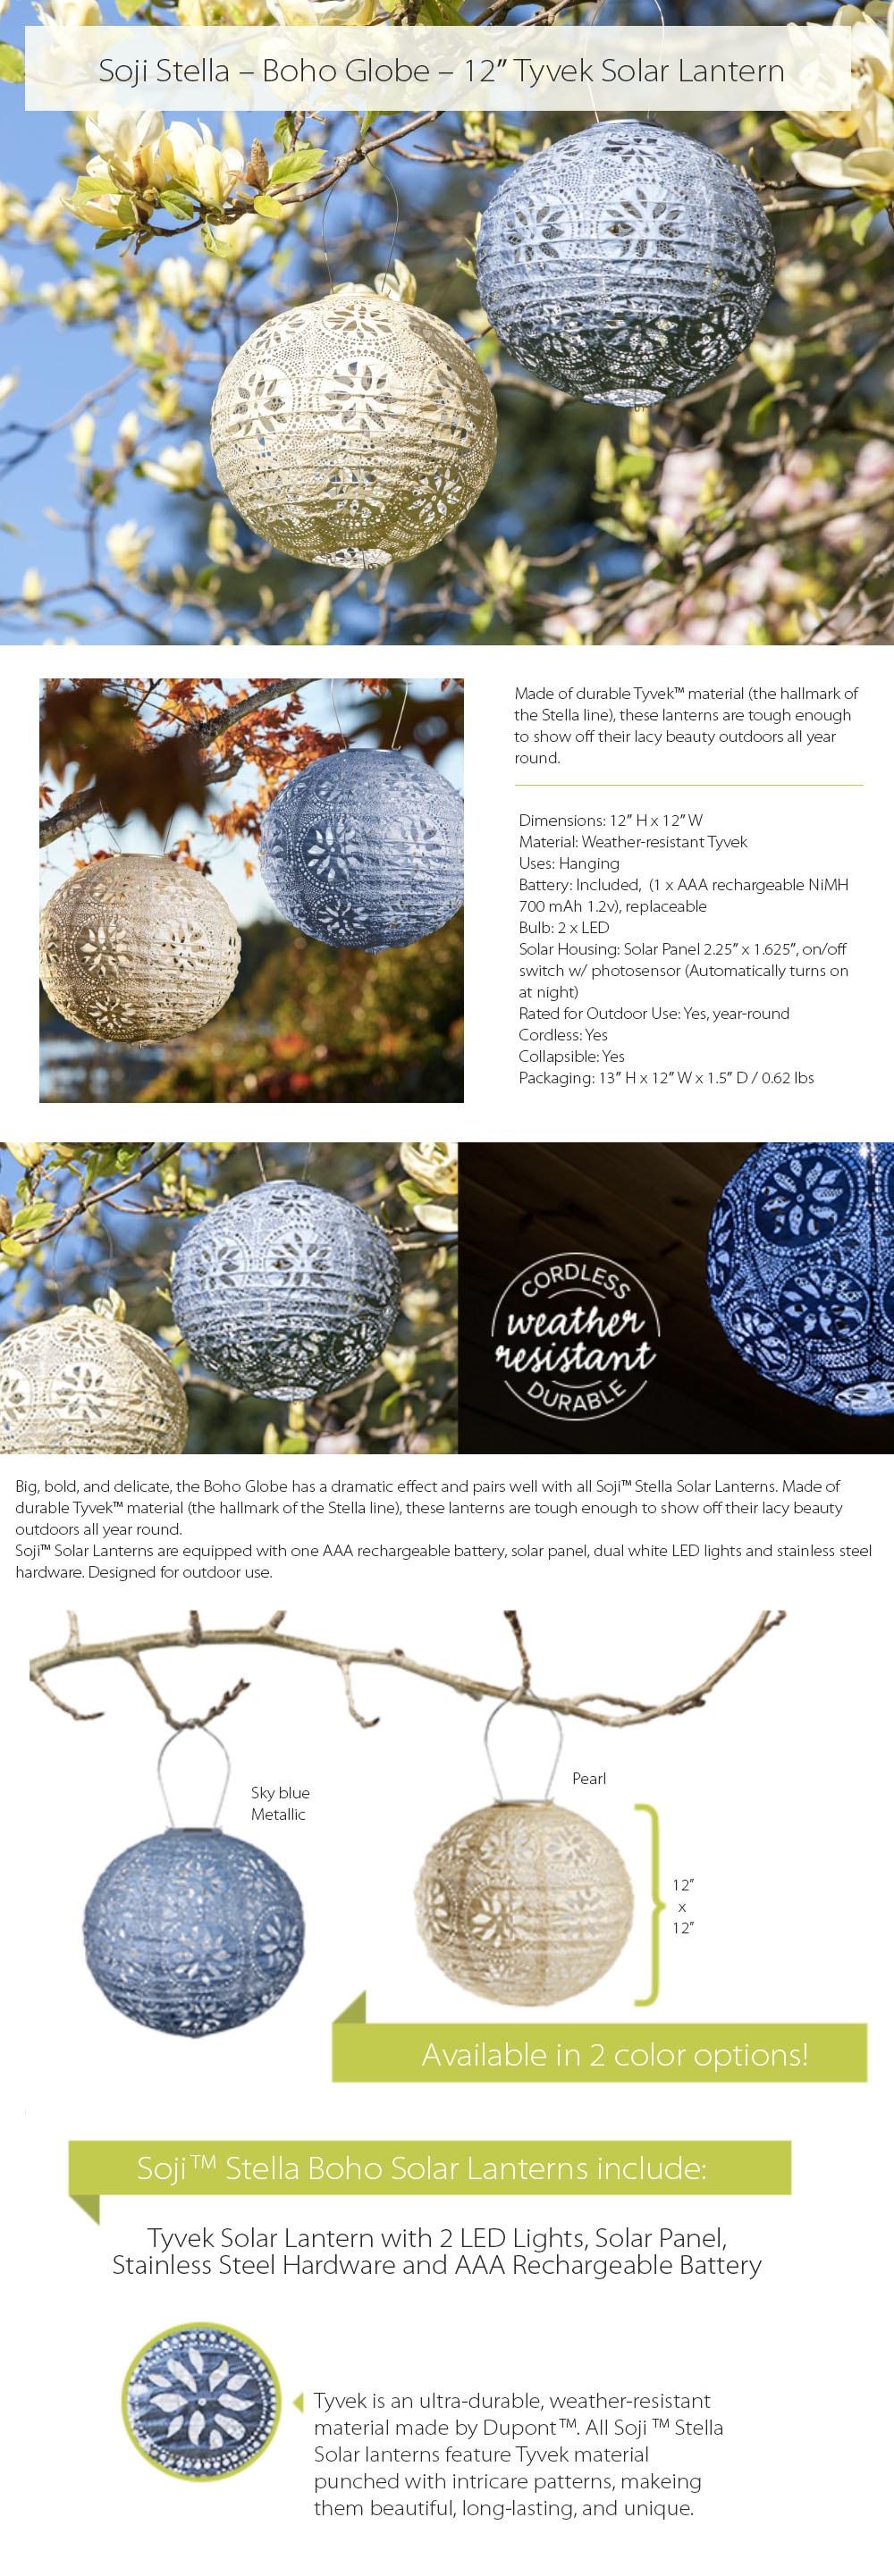 Soji Stella Boho Globe A 12 in Tyvek Solar Lantern